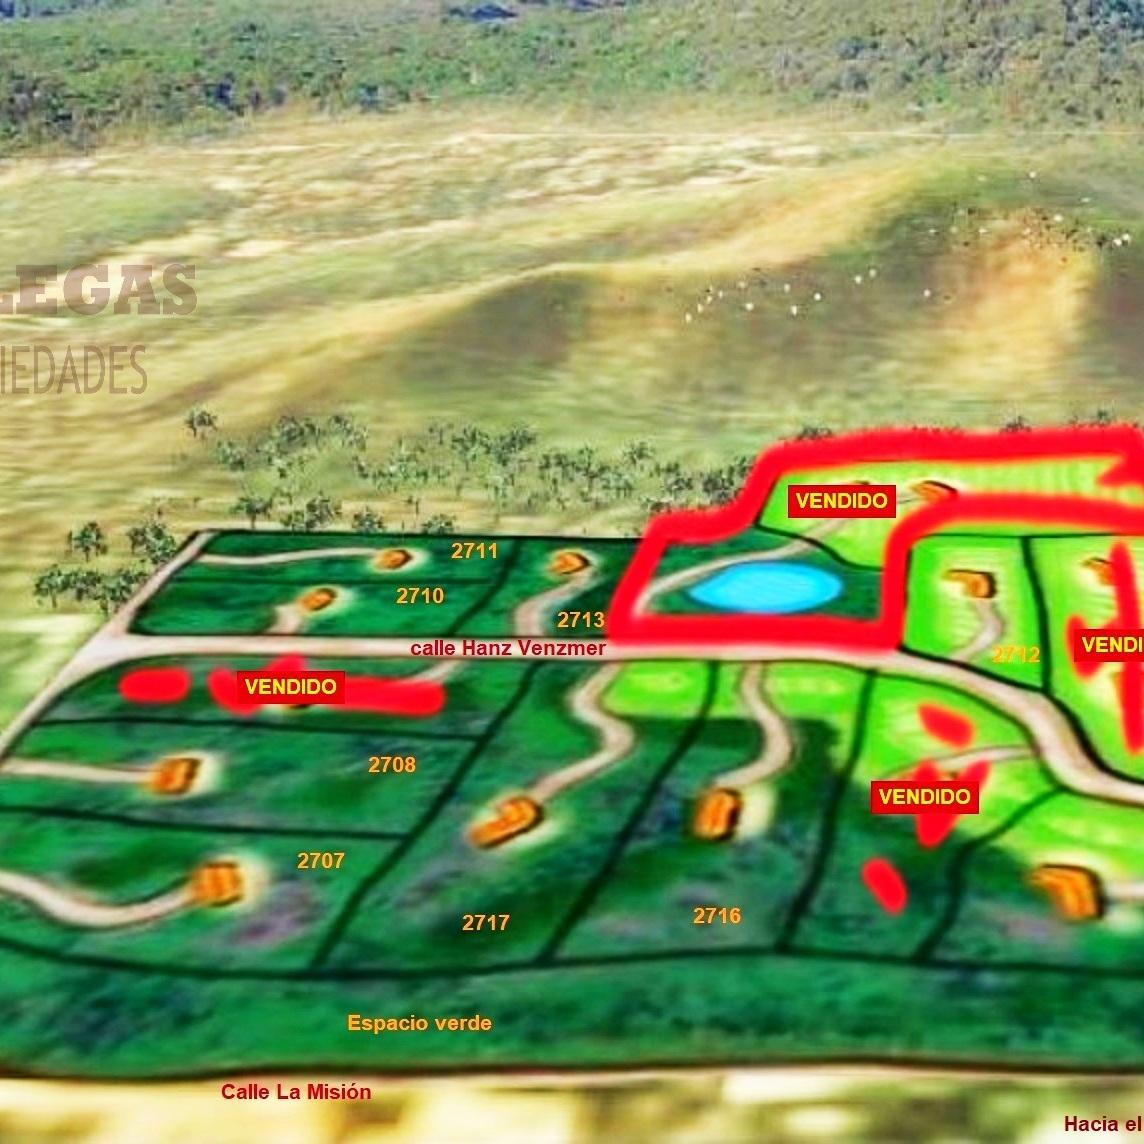 Loteo El Rodeo -Carpintería SL - Villegas Propiedades -tel2664518049